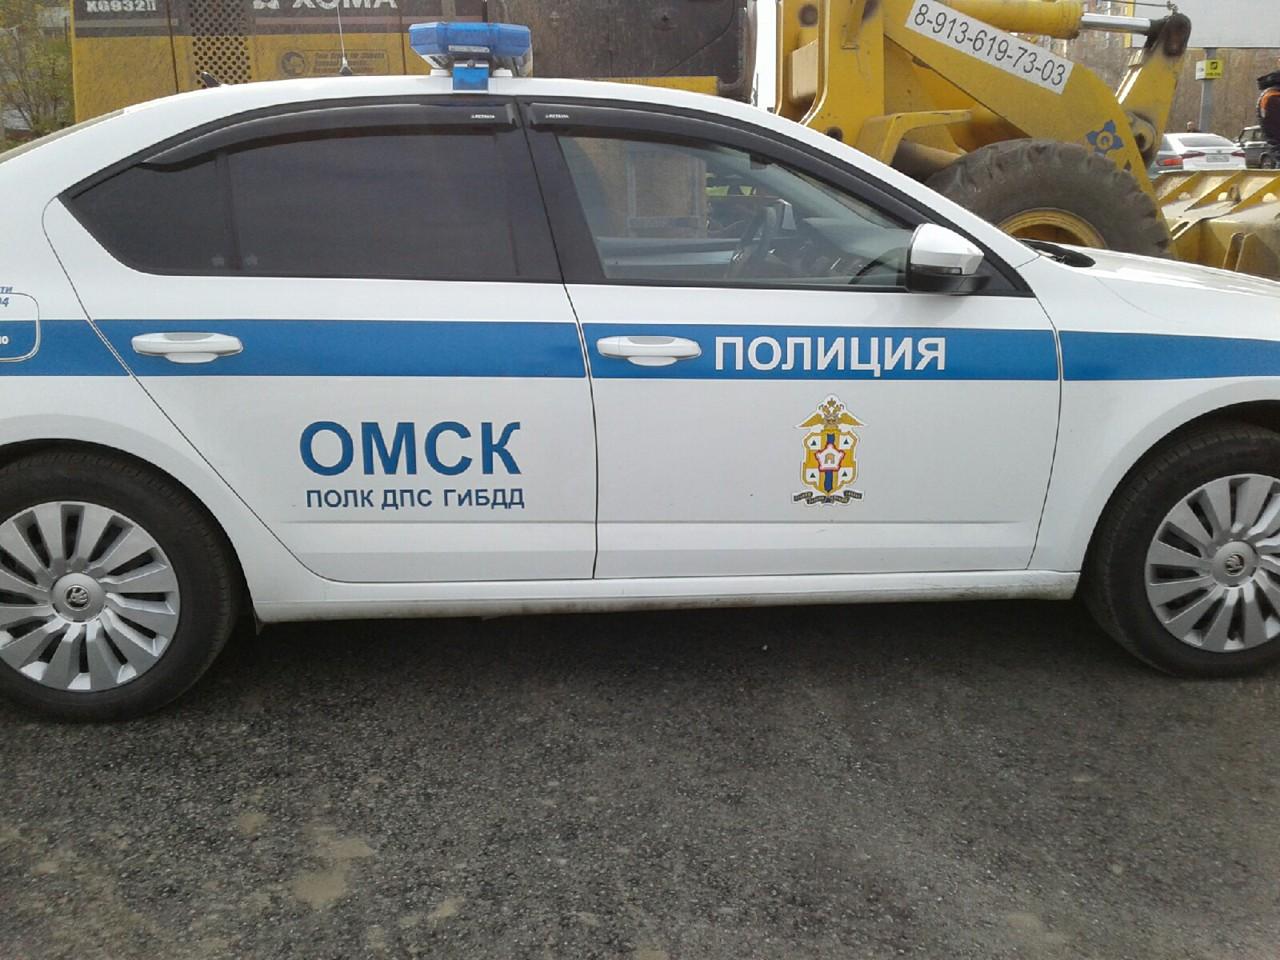 В центре Омска ребенок не по правилам переходил оживленную дорогу и попал под машину #Новости #Общество #Омск